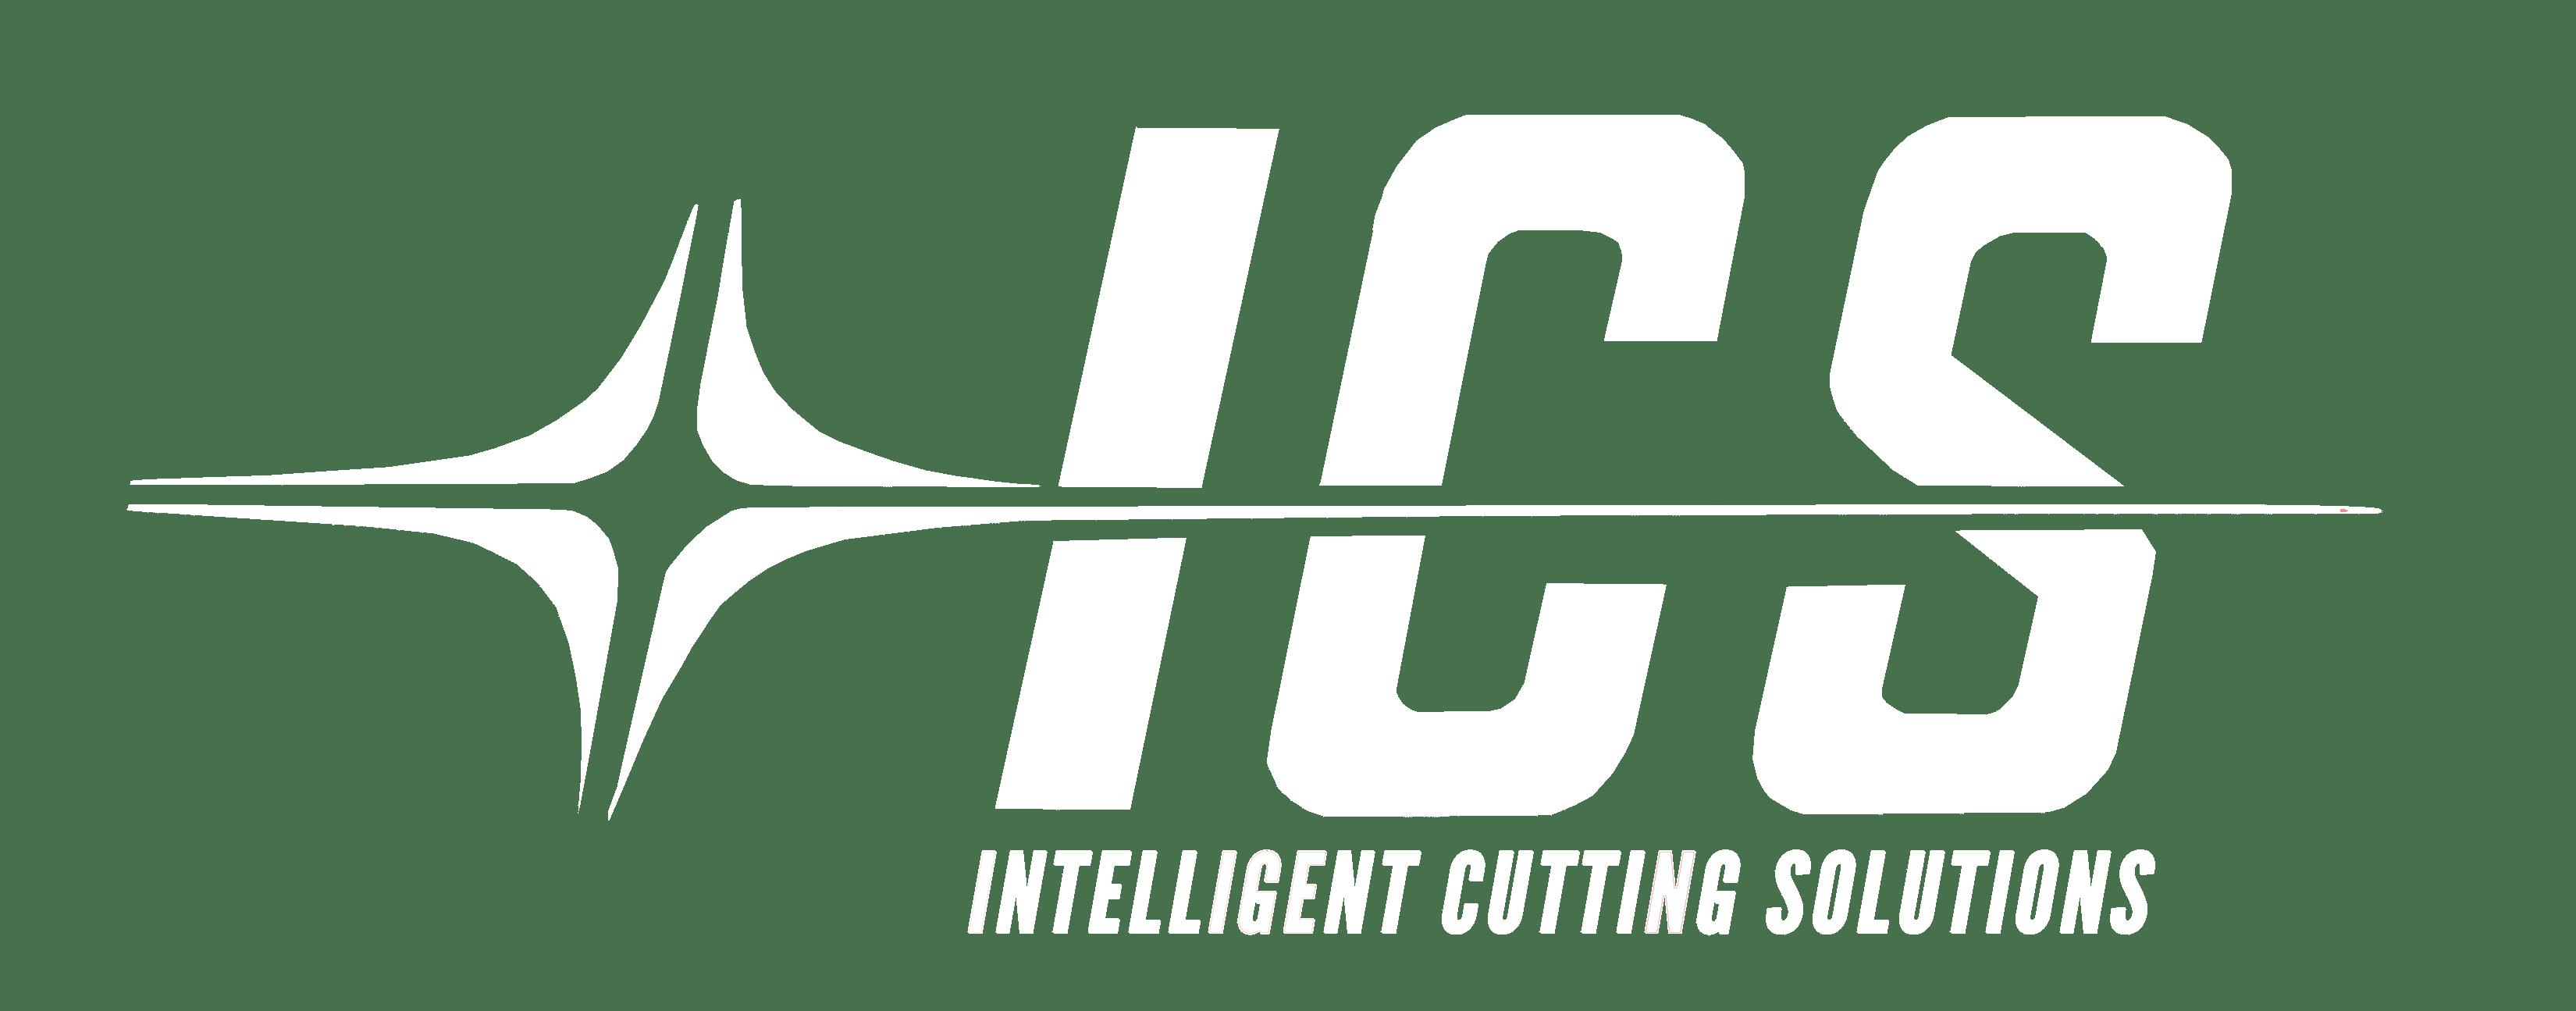 ICS LOGO HQ 2020-white(3)-min